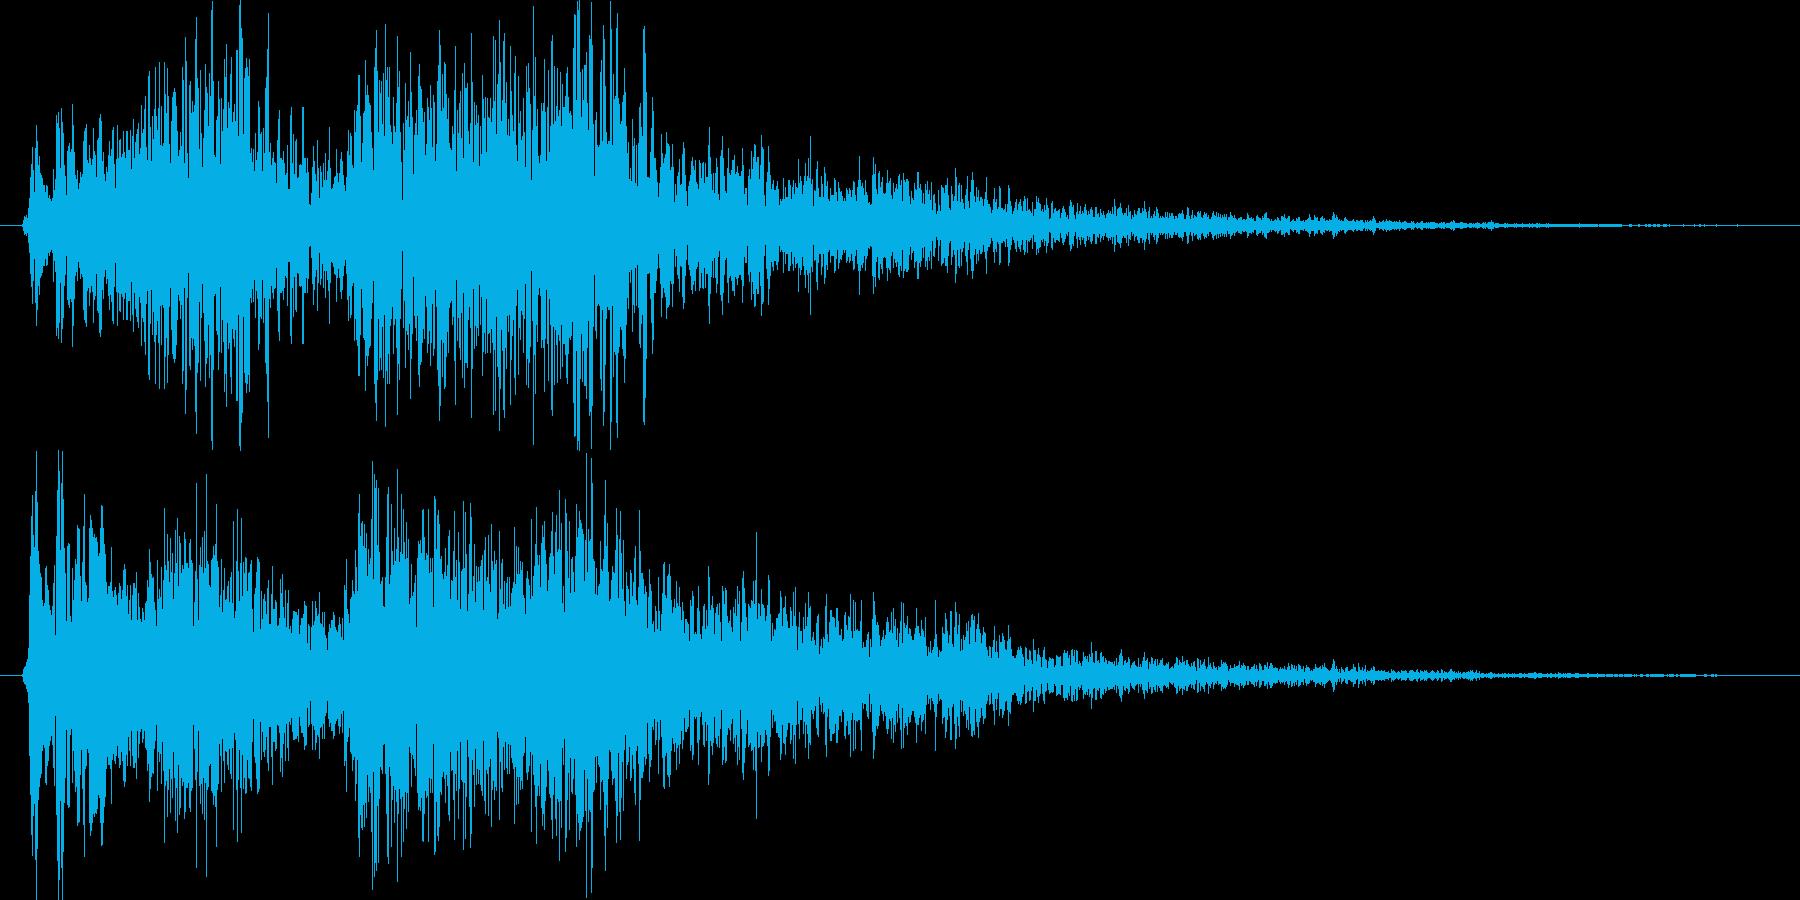 グオーグオー。の再生済みの波形